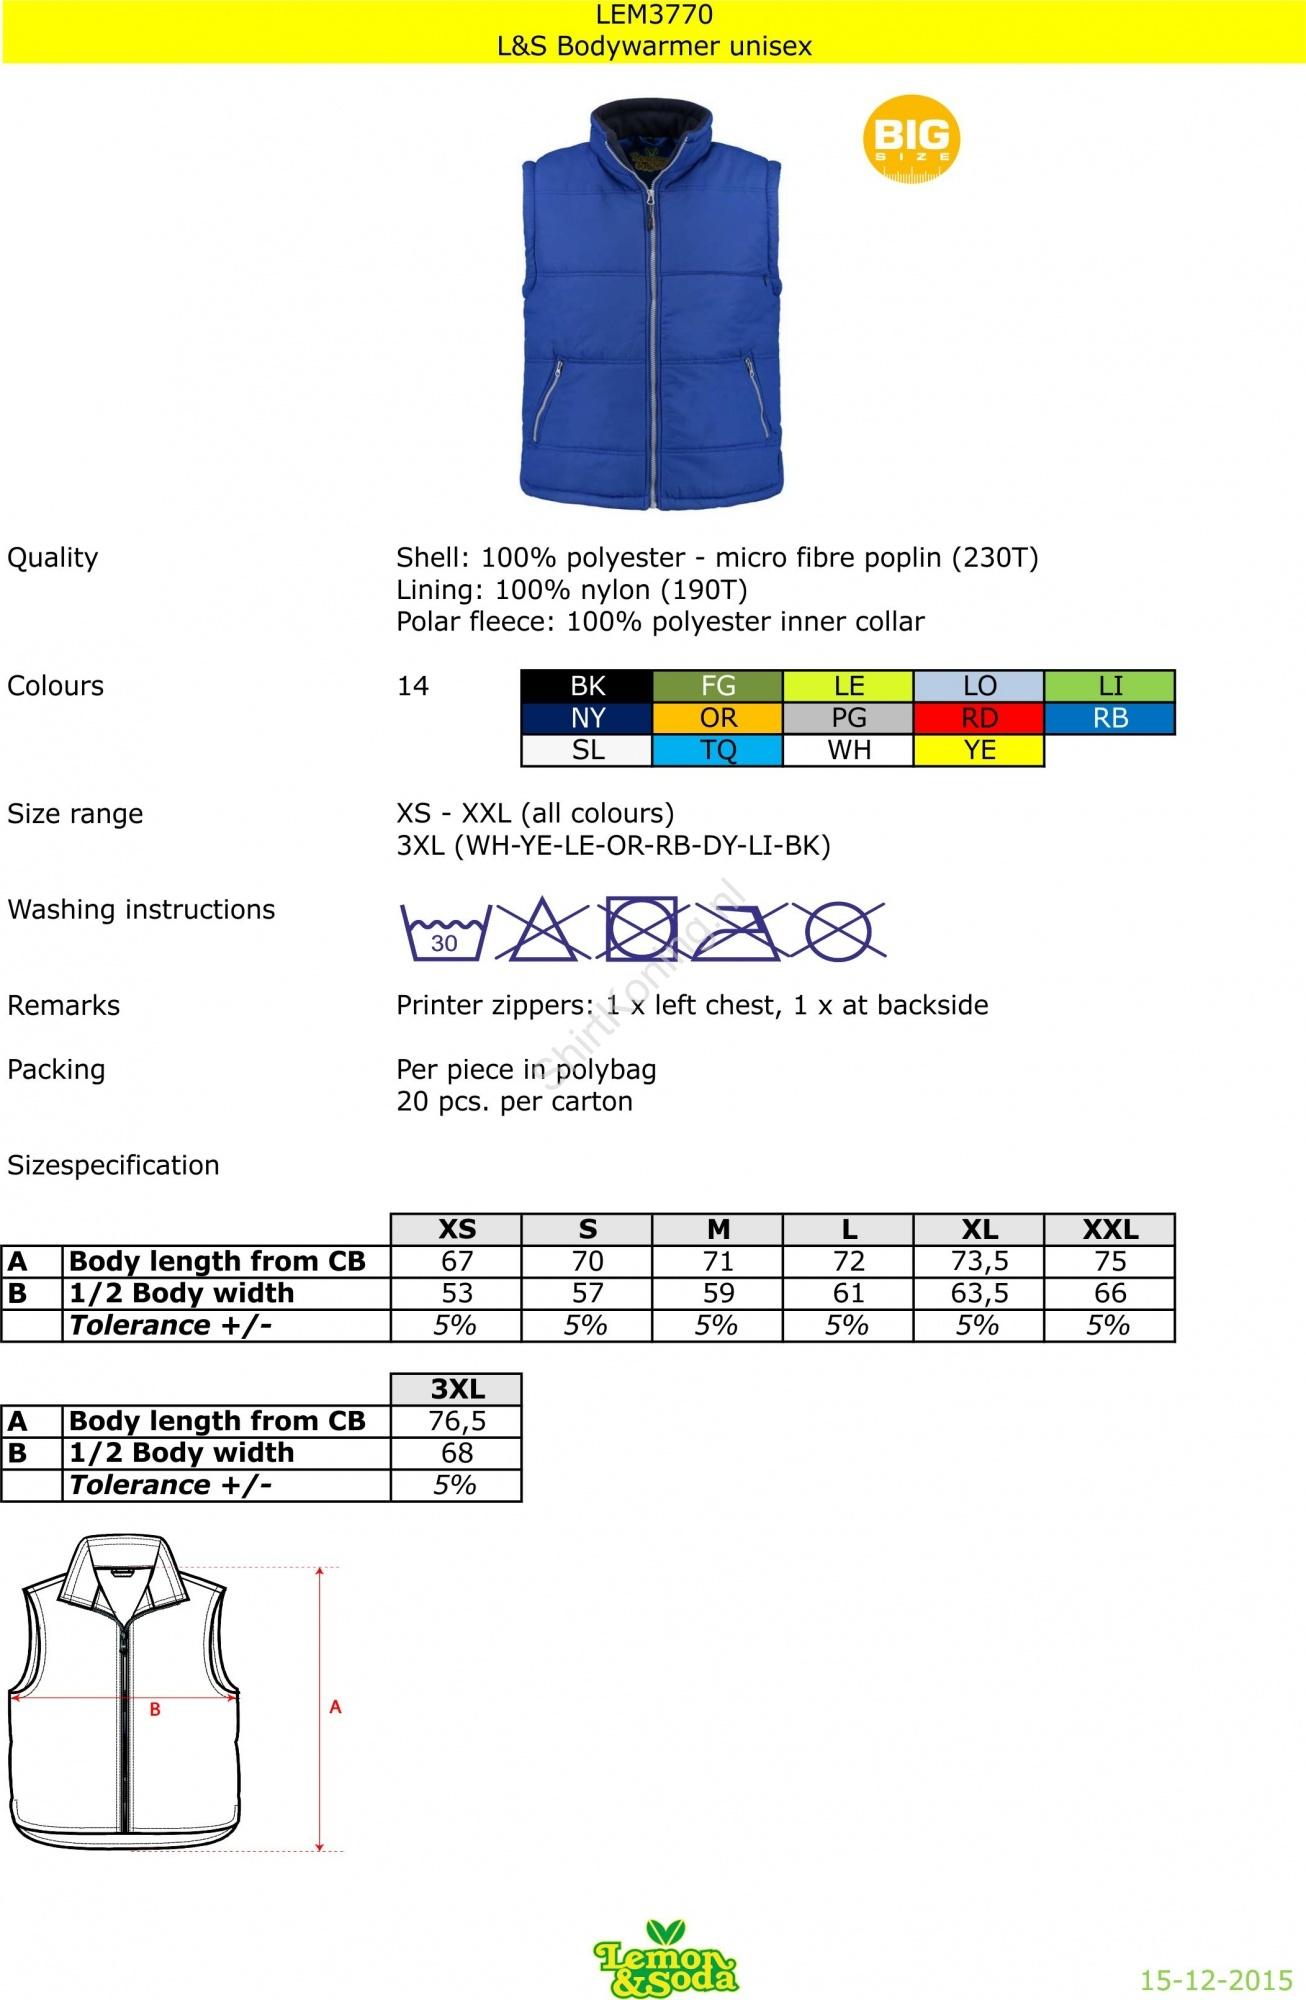 kleding-lemon&soda 3770